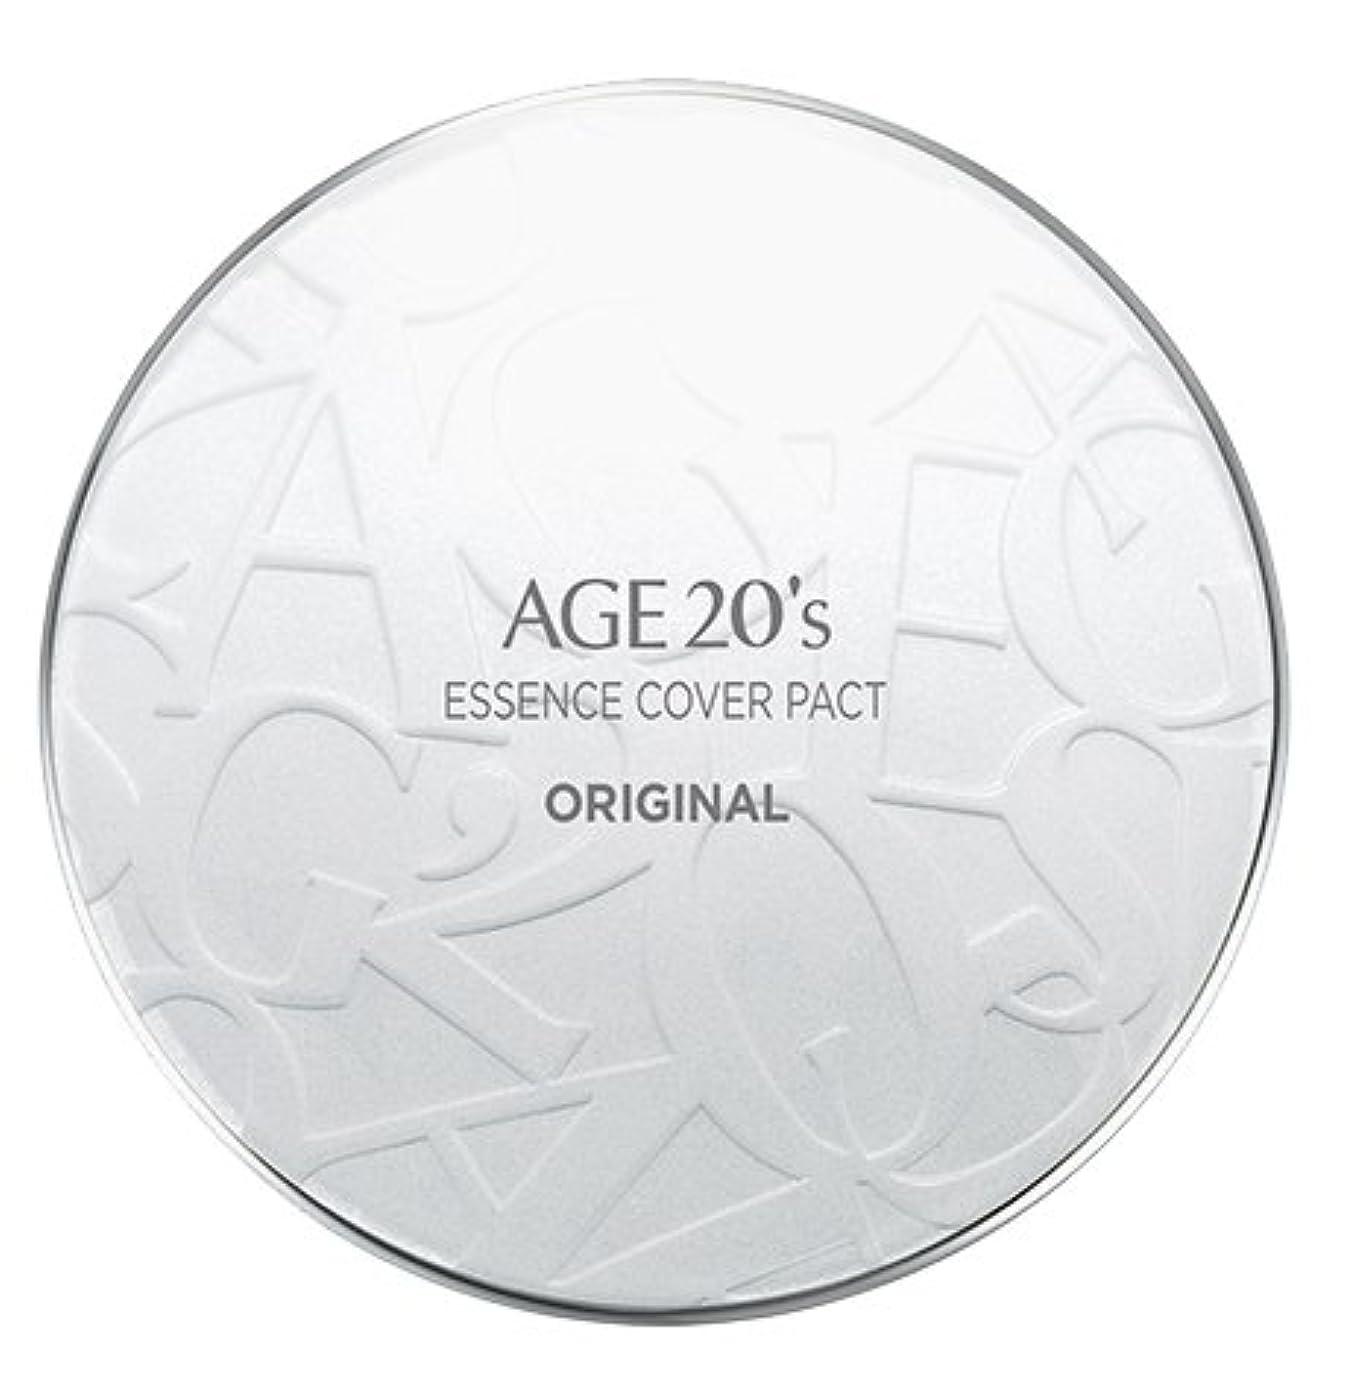 ジュラシックパーク委任感謝祭AGE 20's Essence Cover Pact Original [White Latte] 12.5g + Refill 12.5g (#21)/エイジ 20's エッセンス カバー パクト オリジナル [ホワイトラテ...